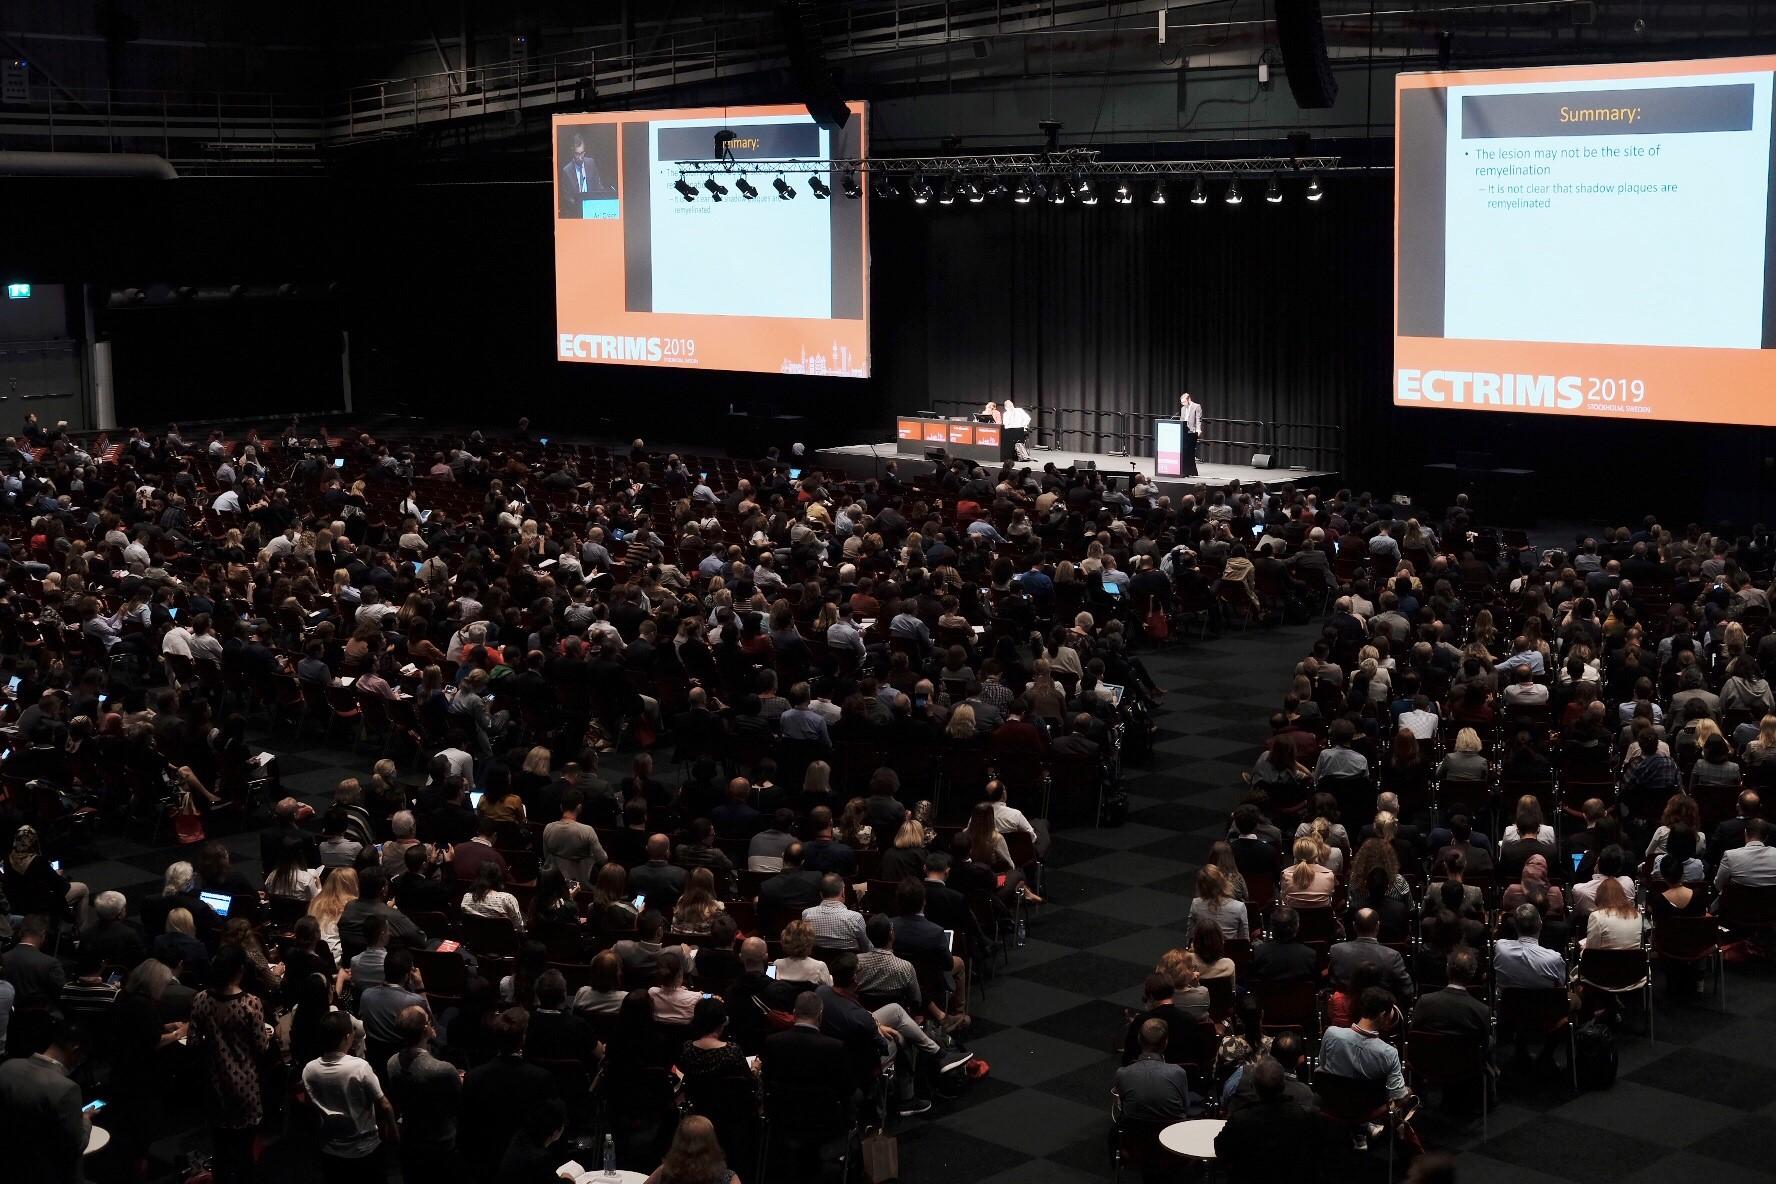 ECTRIMS 2019: ecos do congresso internacional